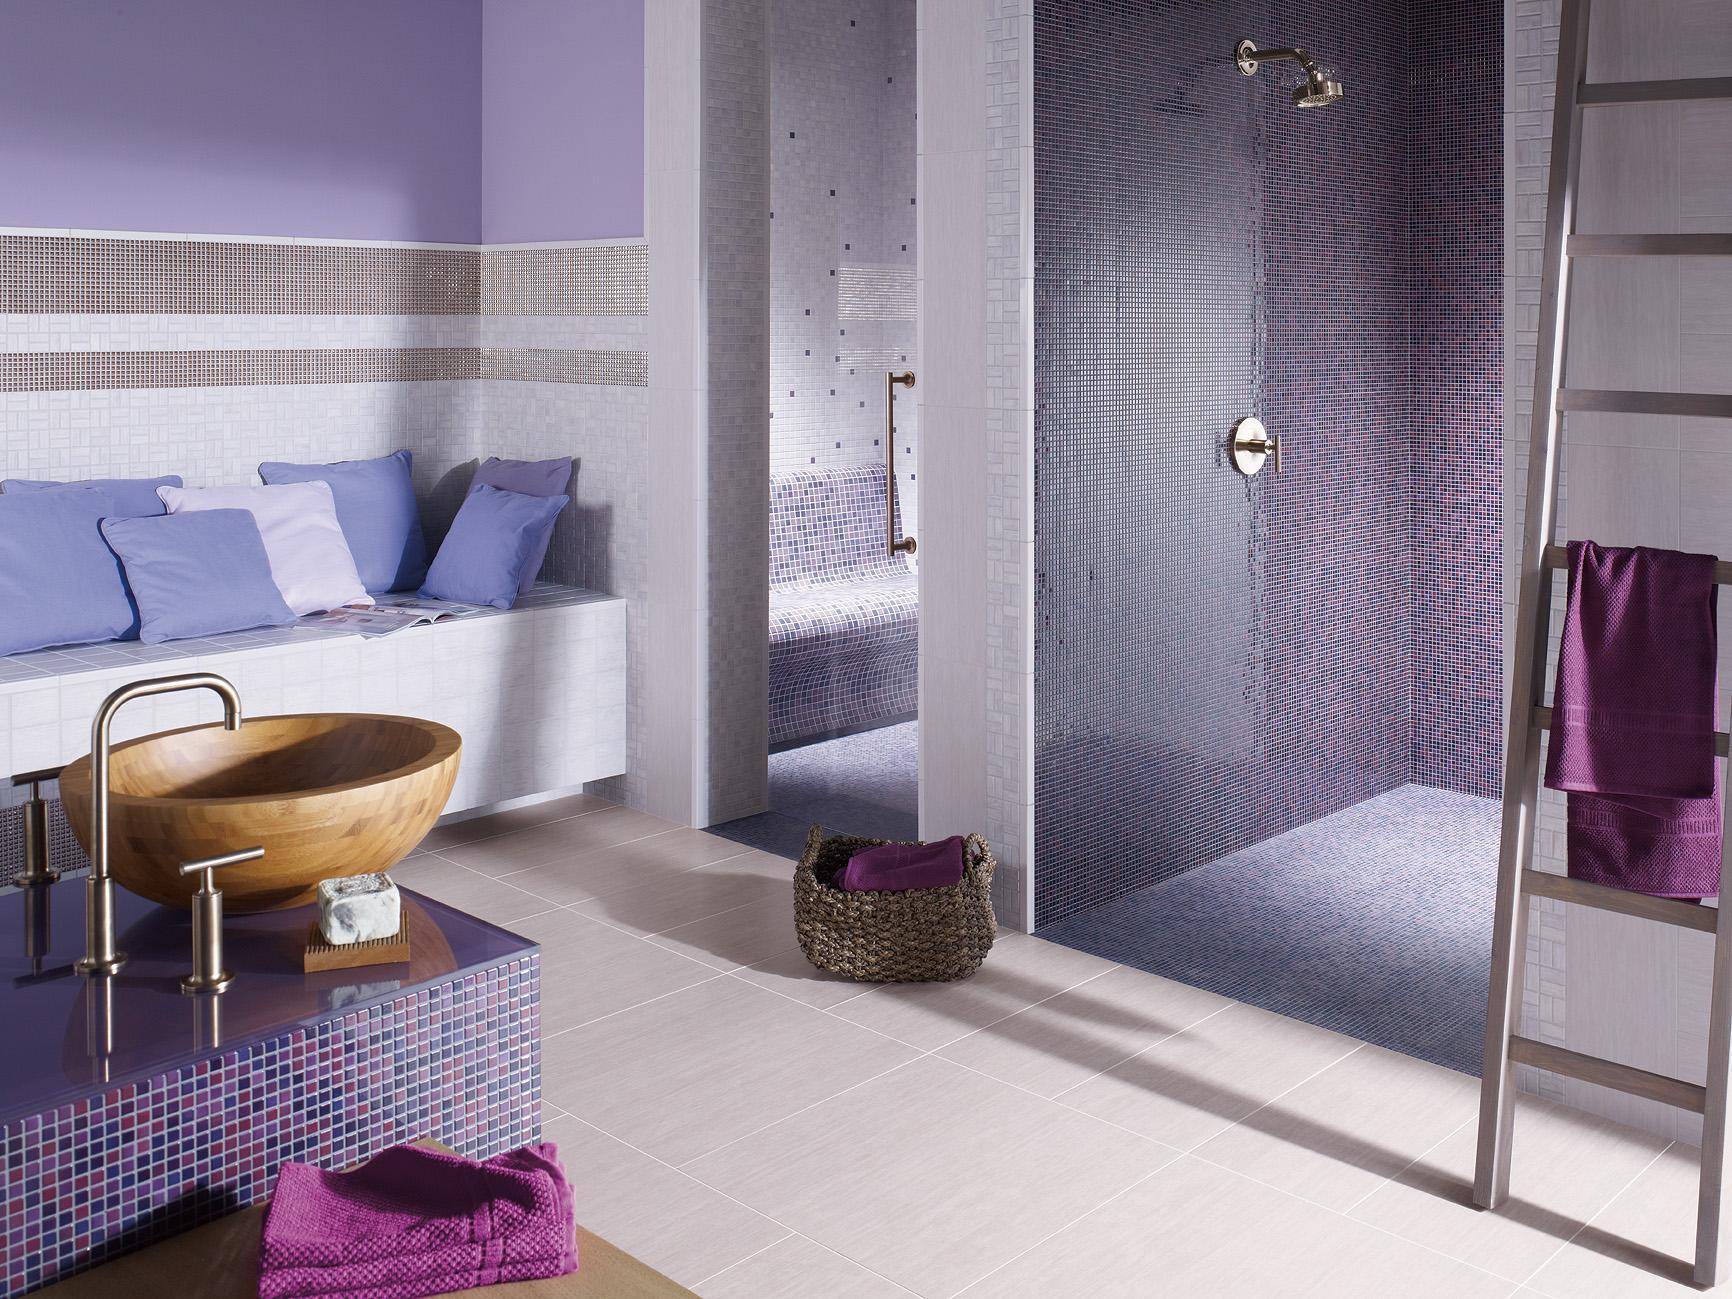 Full Size of Fliesen Für Dusche Badezimmer In Lavendel Und Lila Mosaikflie Nischentür Regal Kleidung Ordner Mischbatterie Insektenschutz Fenster Glaswand Einbauen Dusche Fliesen Für Dusche